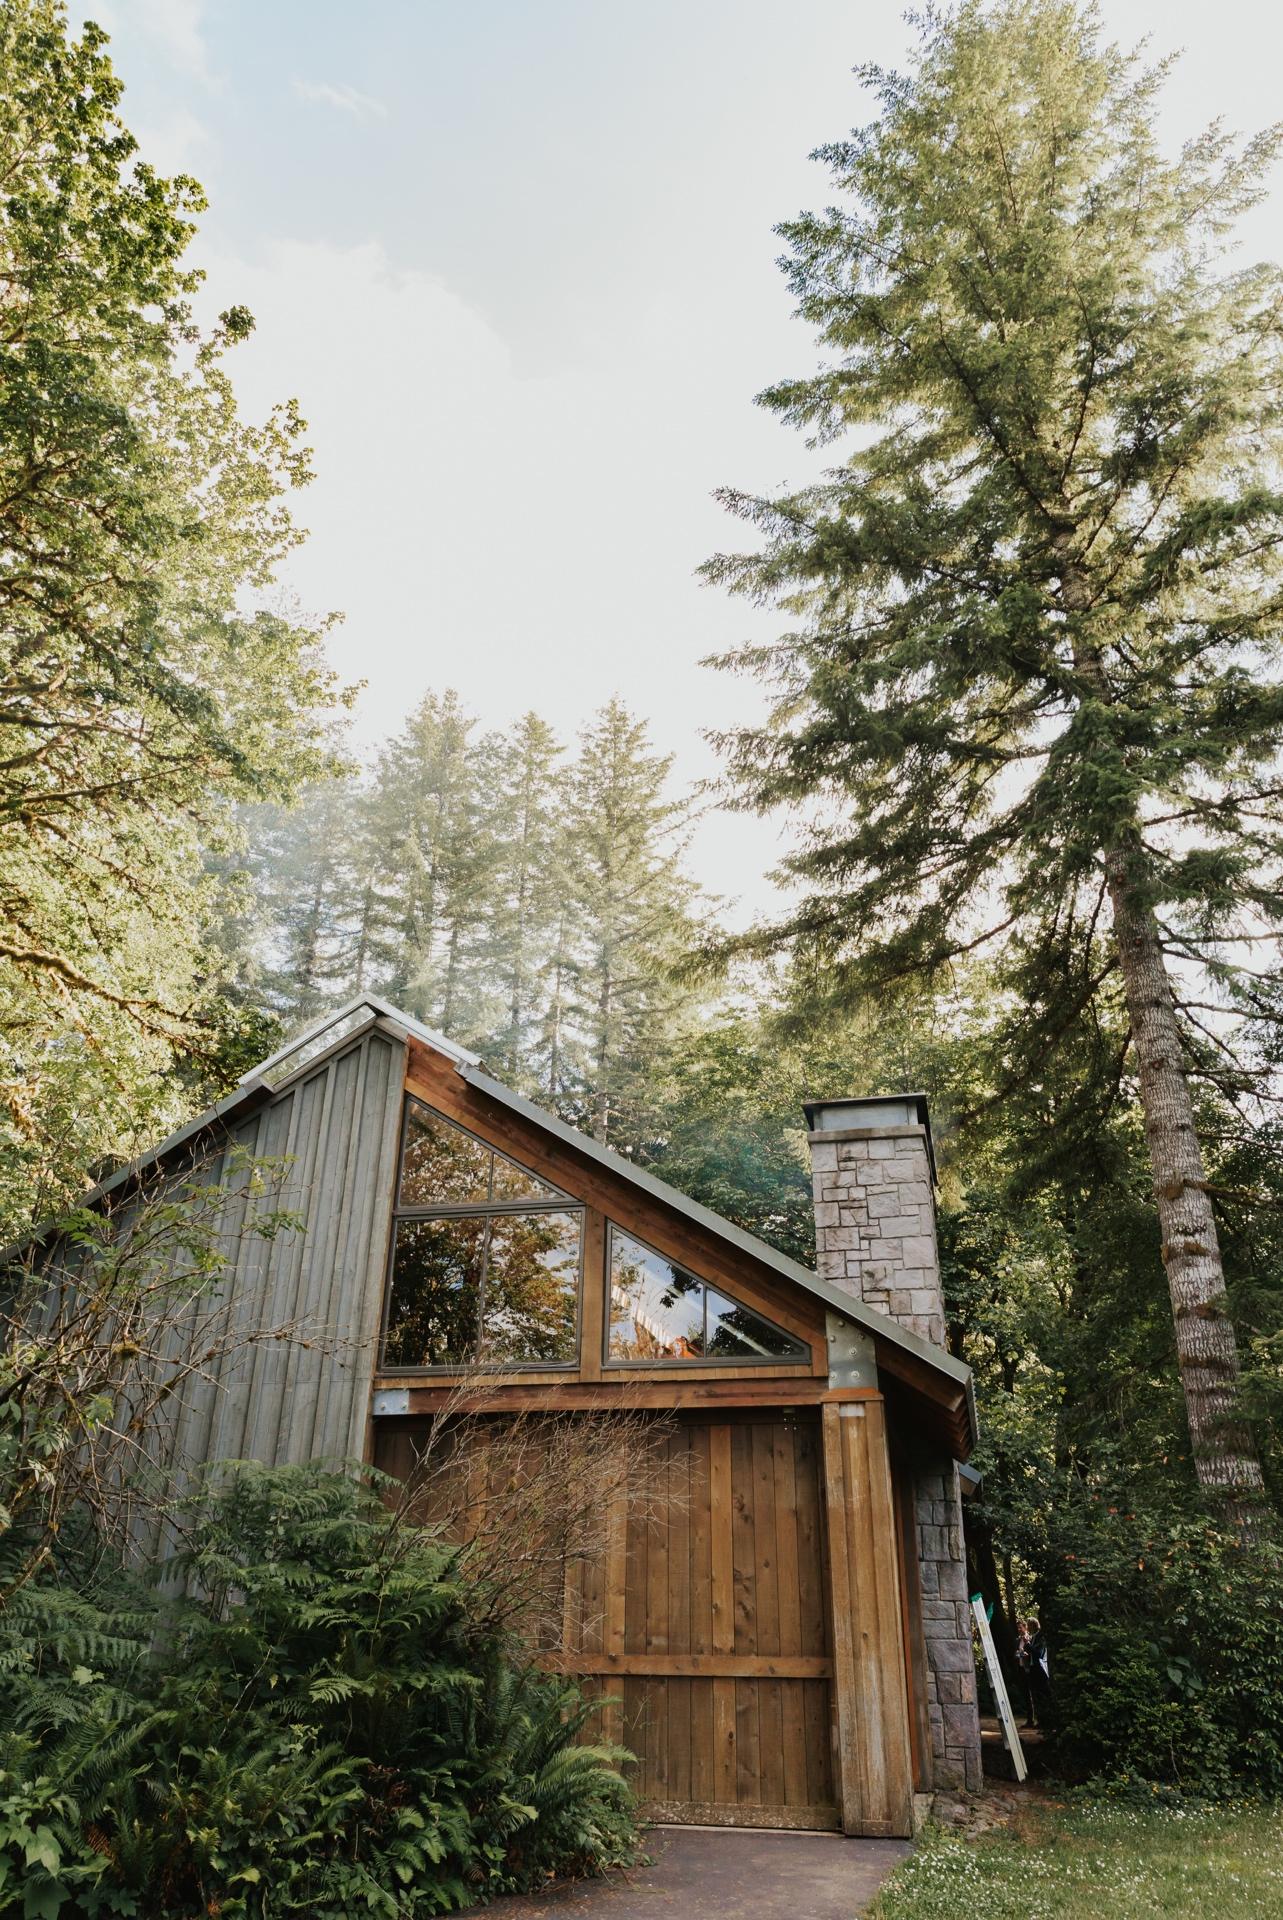 059_Ragan&Max-2211_Oregon_Forest_Smith_Wedding_Tillamook_Oregon-Forest-Wedding_Homestead_Tillamook-Forest-Wedding.jpg